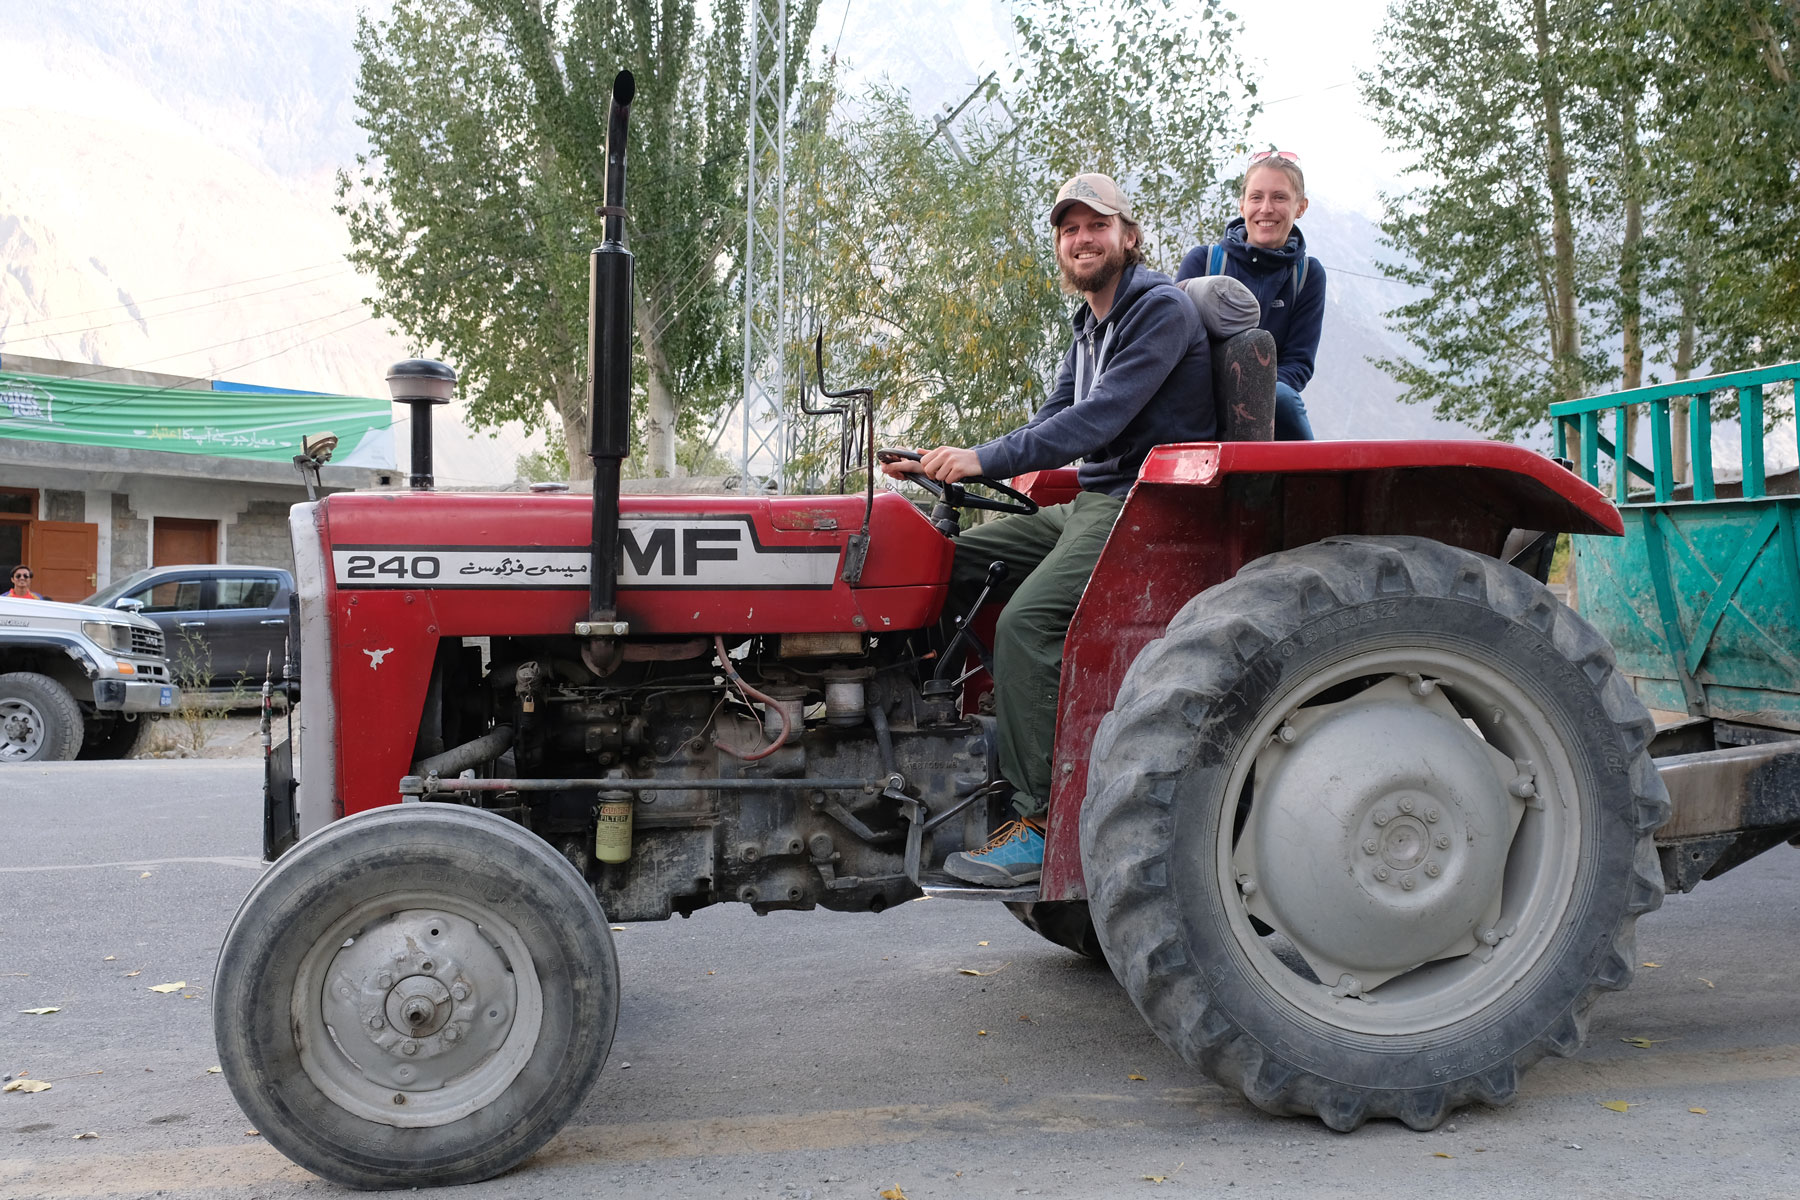 Sebastian und Leo sitzen auf einem Traktor.